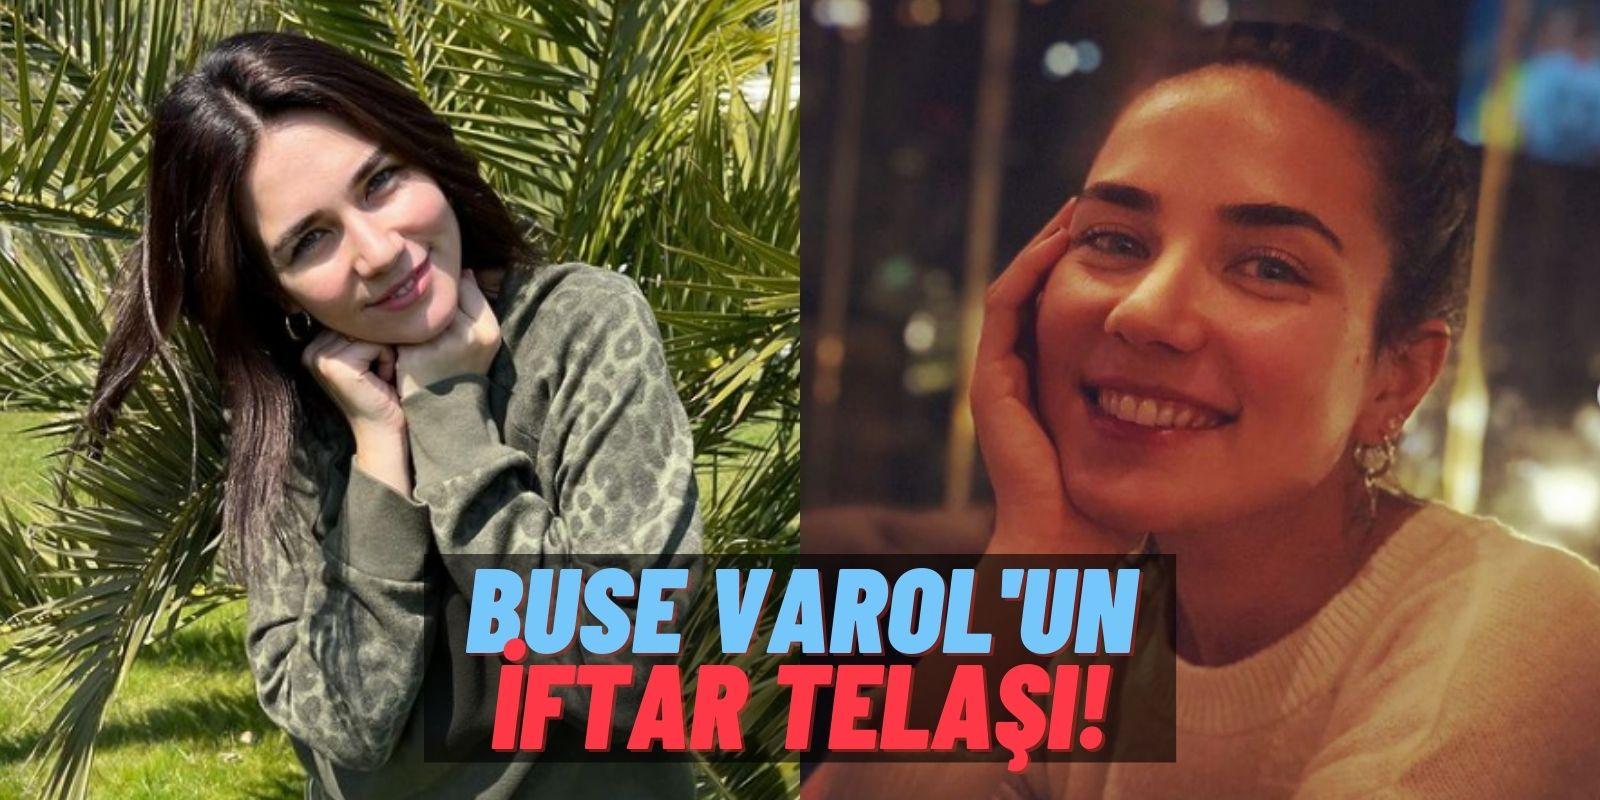 Buse Varol'un Ramazan Telaşı: On Parmağında On Marifet Buse Varol Hünerlerini Sergilemeye Devam Ediyor!